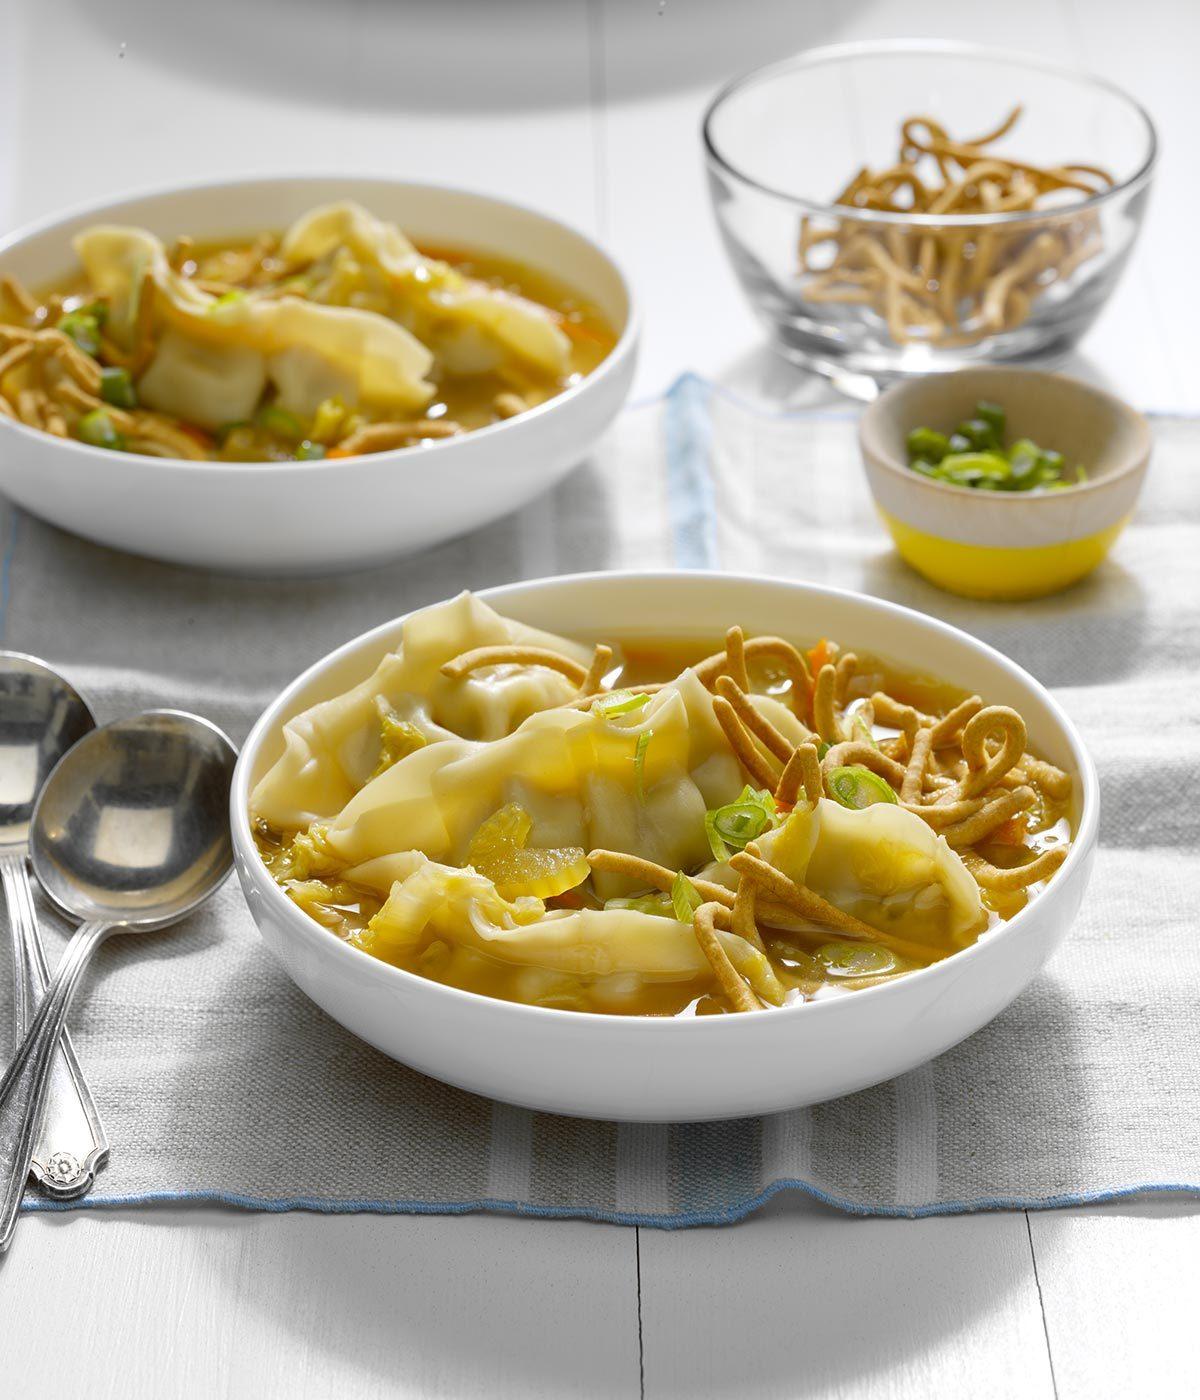 Recette à la mijoteuse : soupe aux raviolis chinois